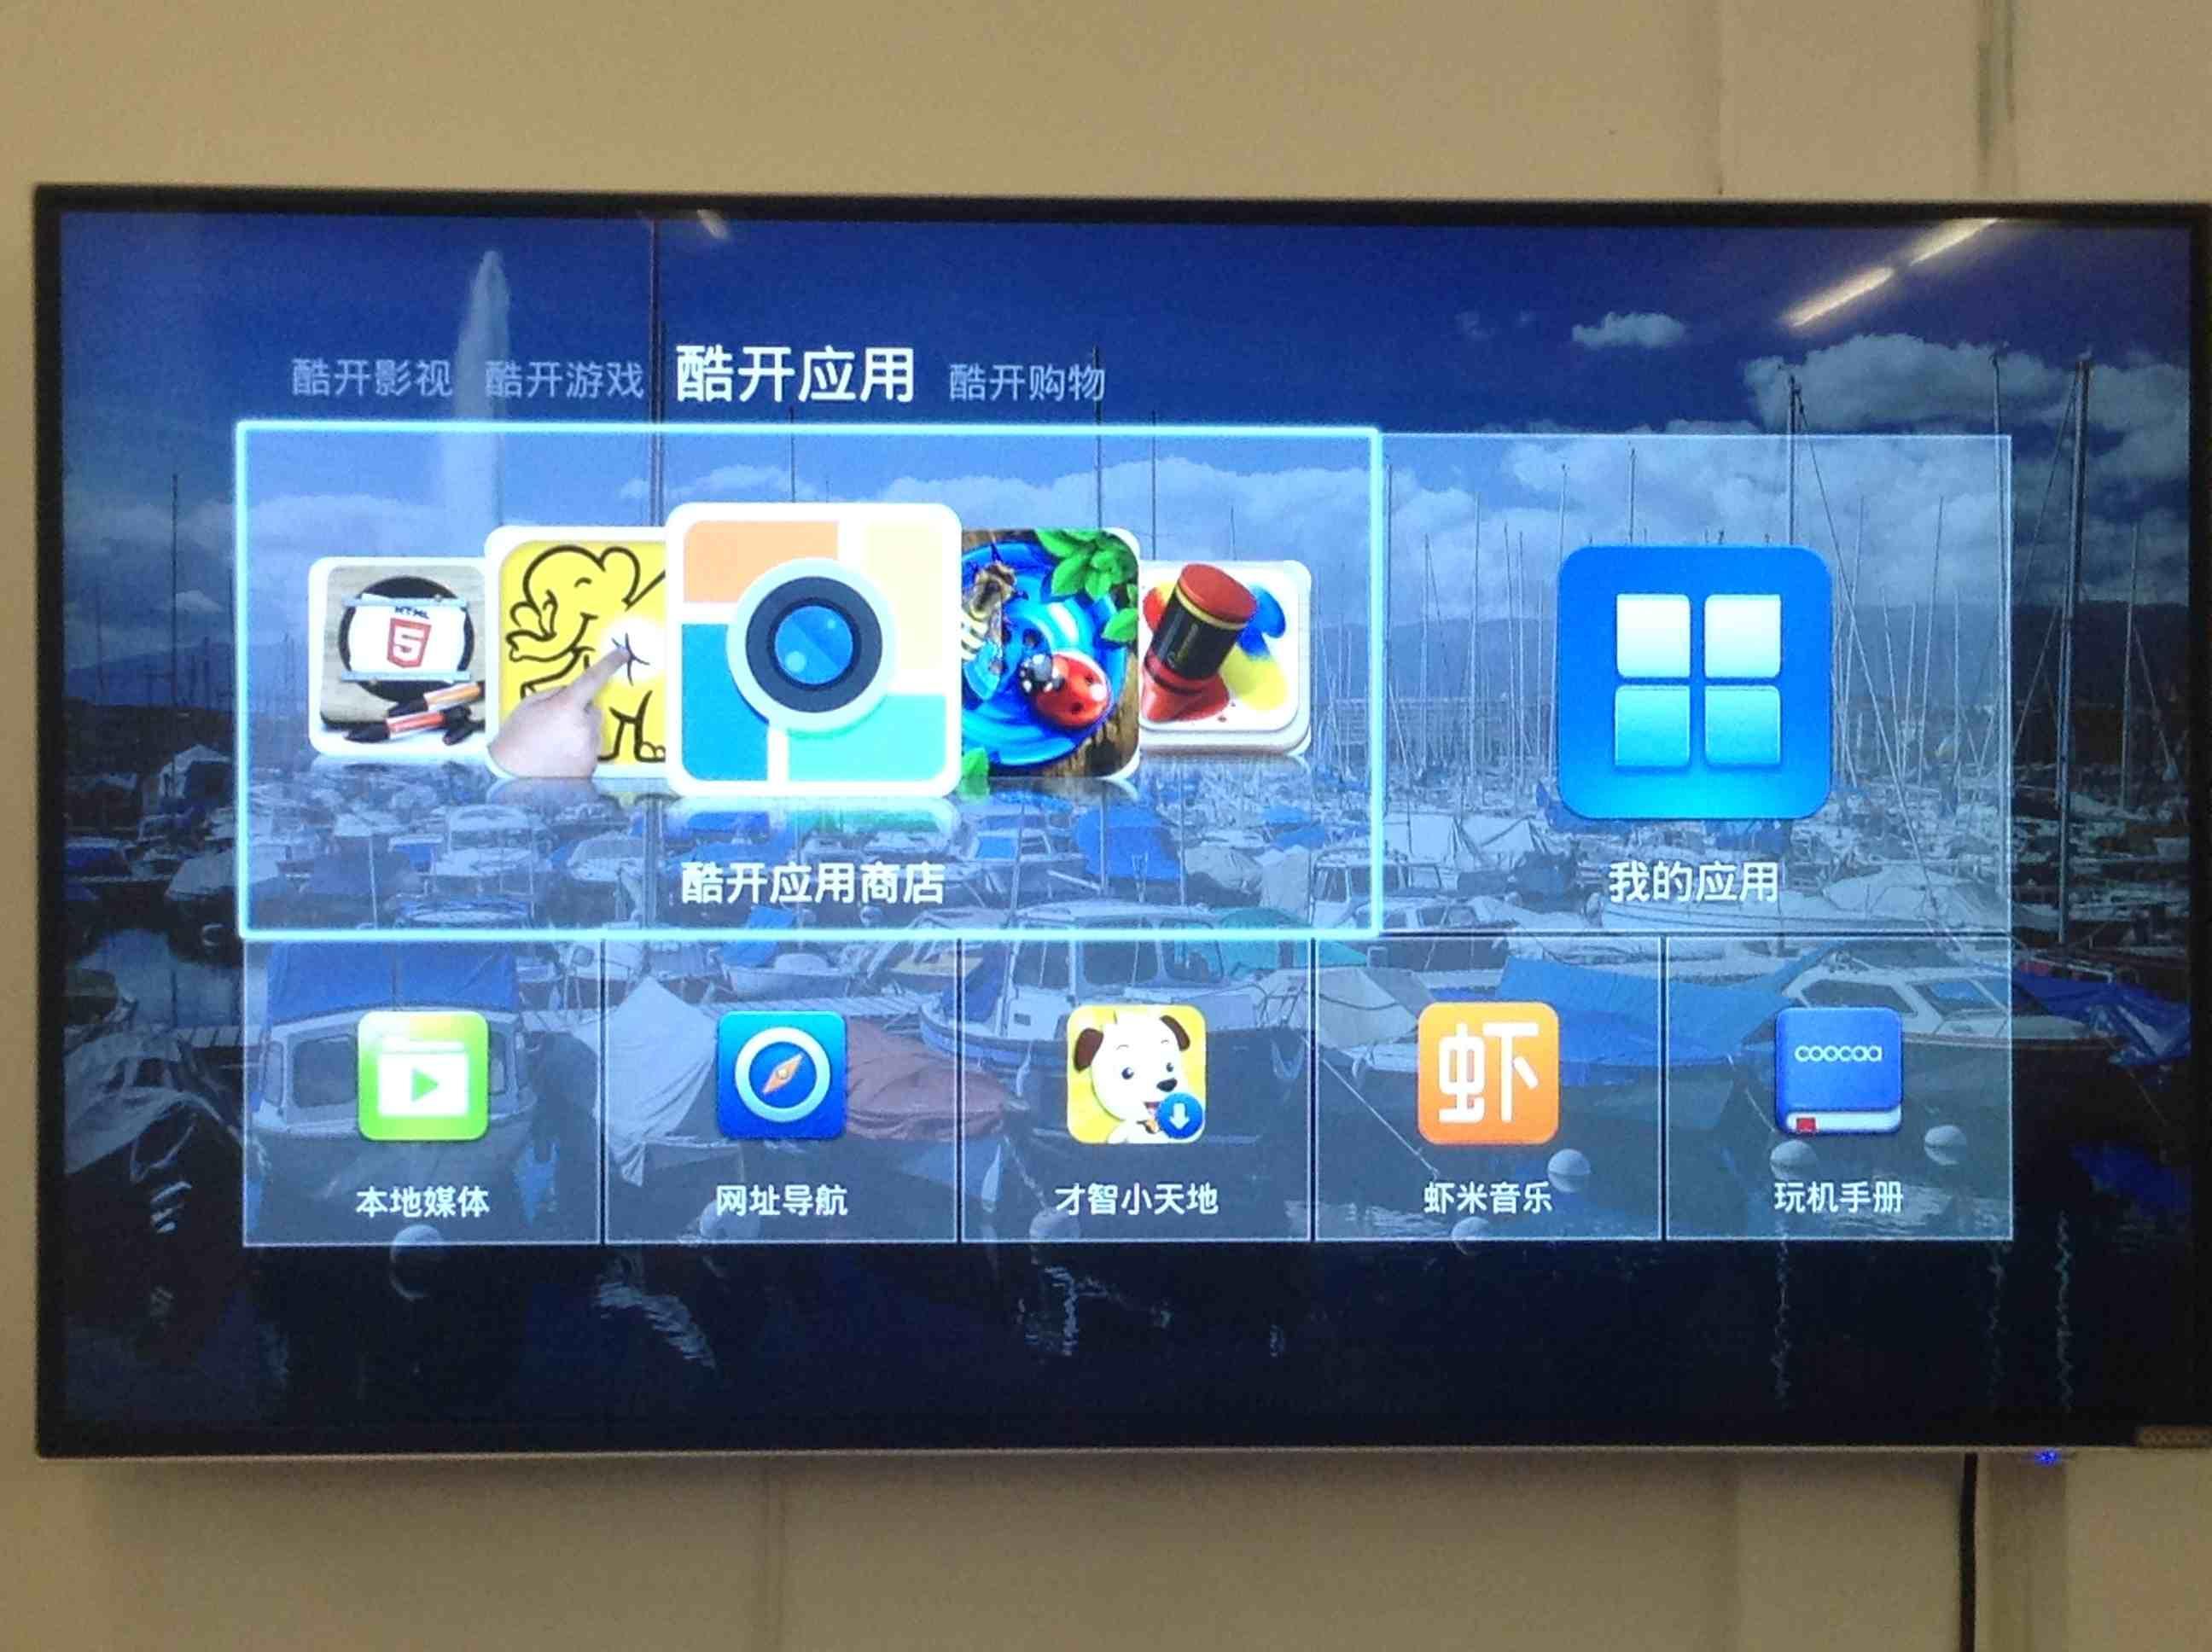 酷开K65智能电视如何通过U盘安装第三方电视应用,看直播视频